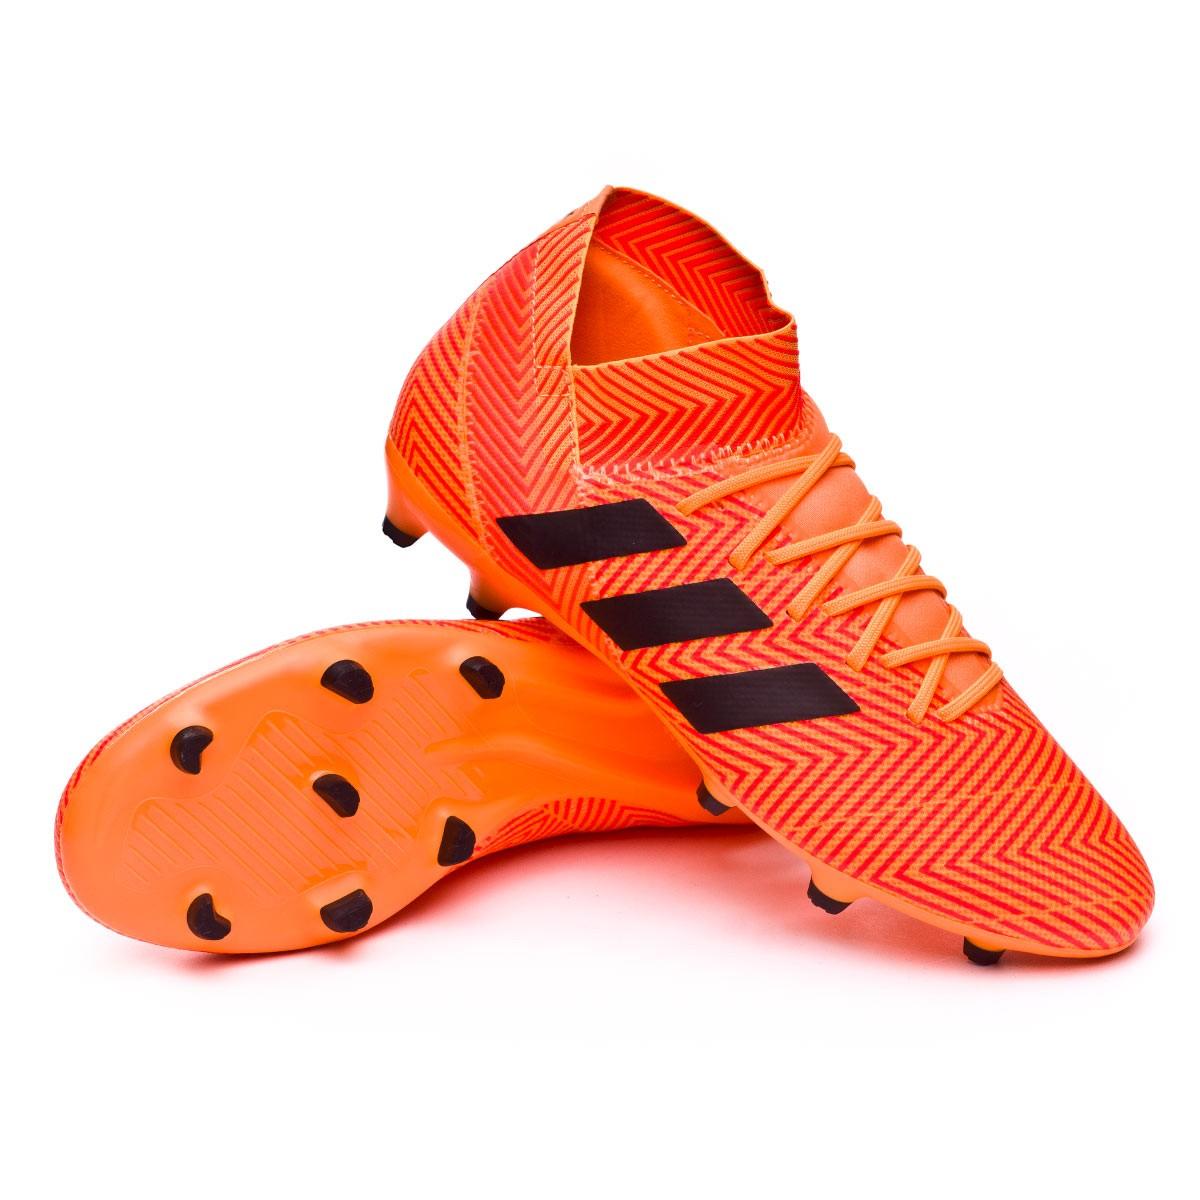 ee1224827409 adidas Nemeziz 18.3 FG Football Boots. Zest-Black-Solar red ...